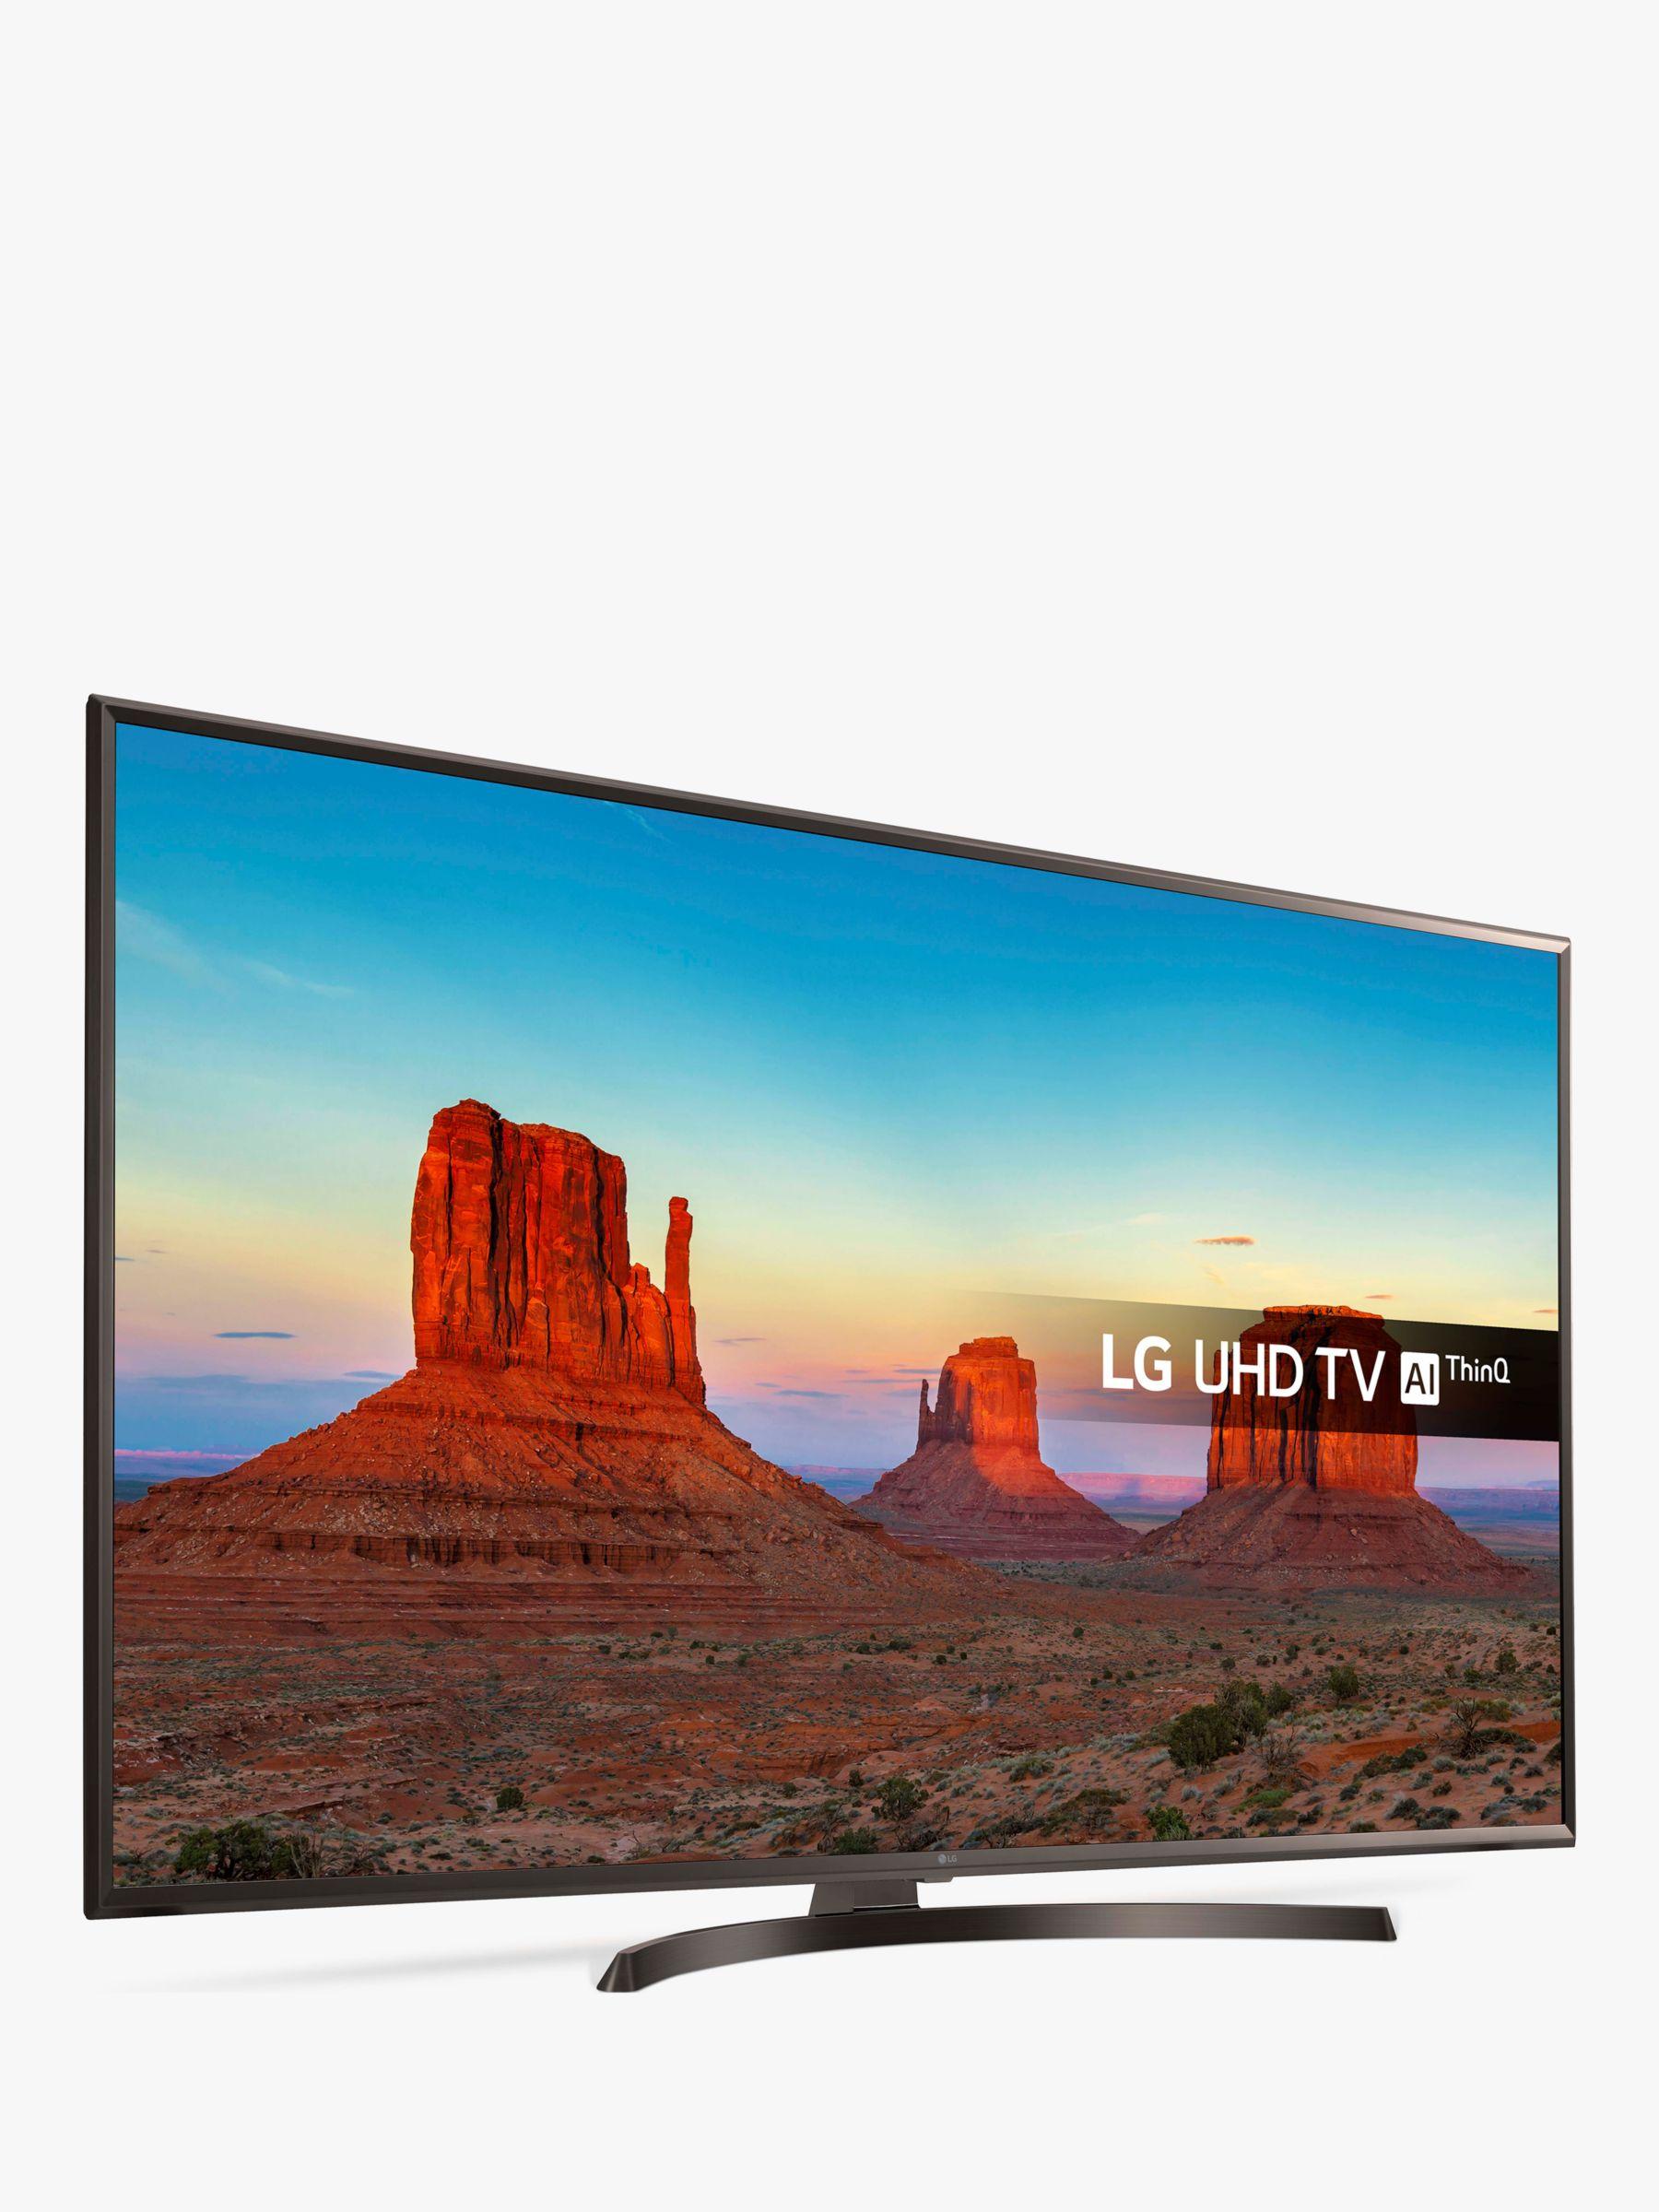 LG 65UK6400PLF LED HDR 4K Ultra HD Smart TV, 65